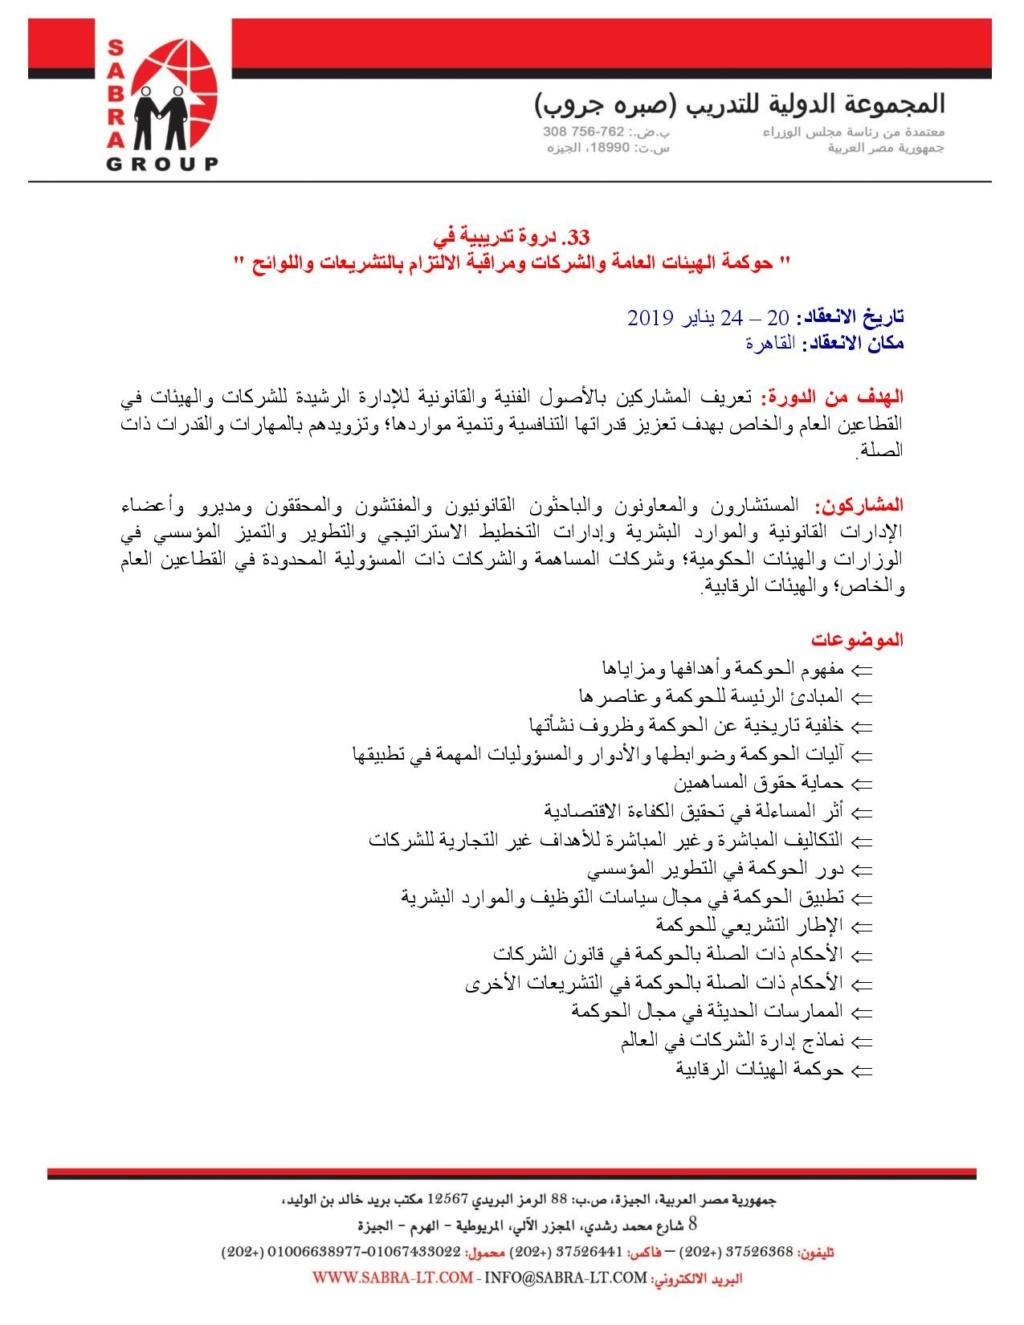 حوكمة الهيئات العامة والشركات ومراقبة الالتزام بالتشريعات Docume13